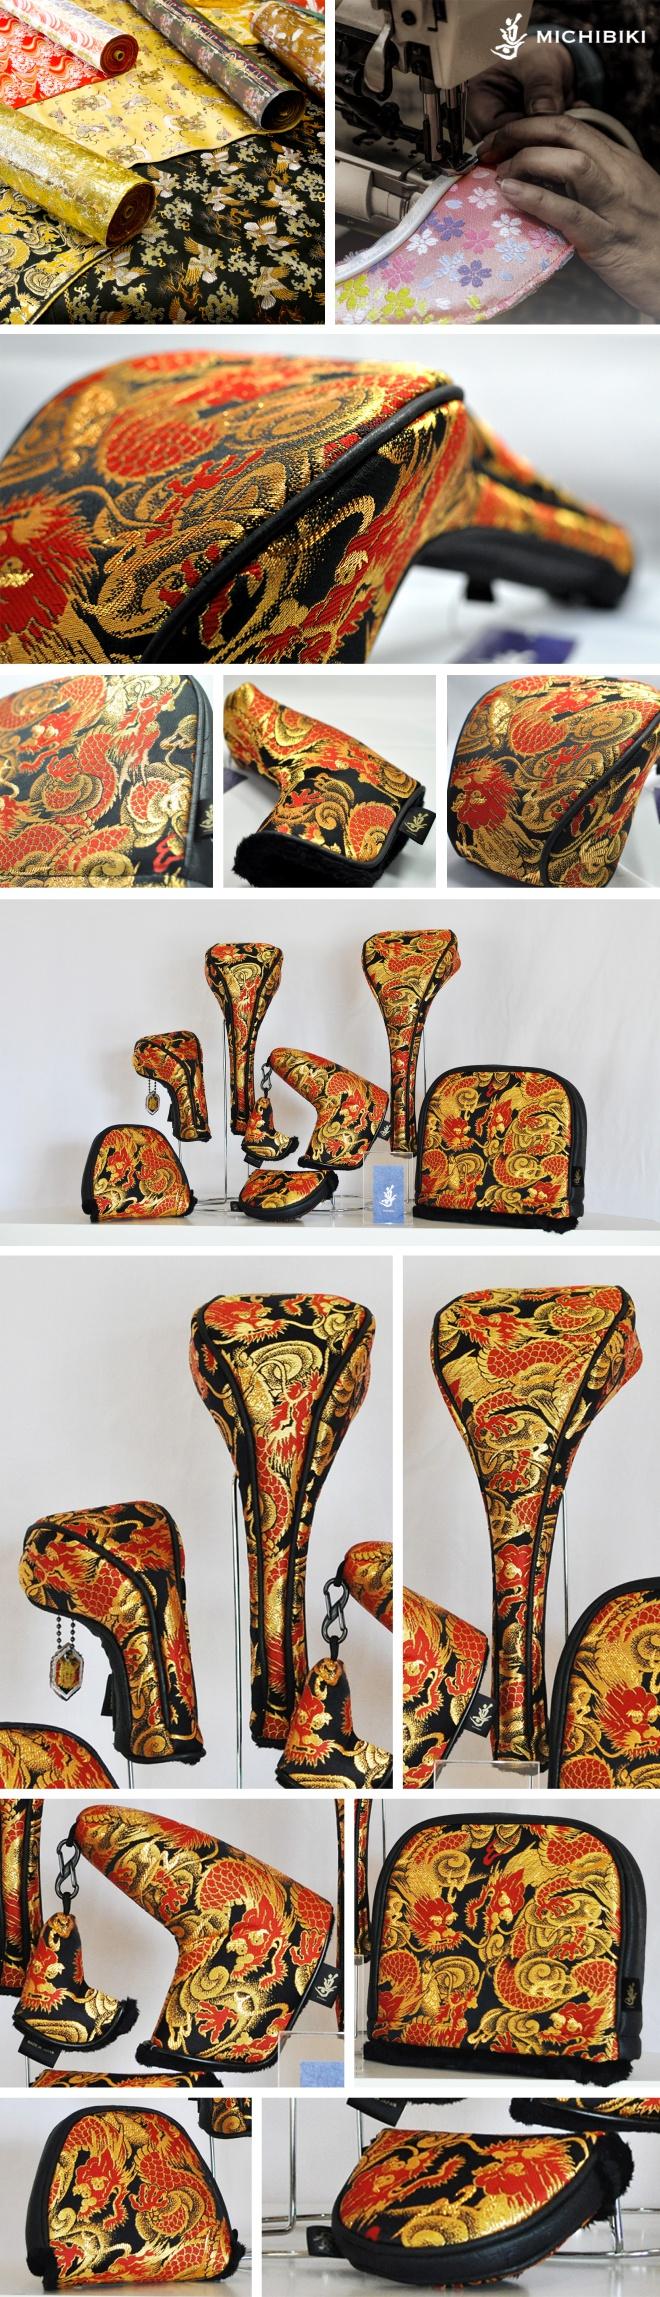 Michibiki Brocade Red Dragon Head Cover